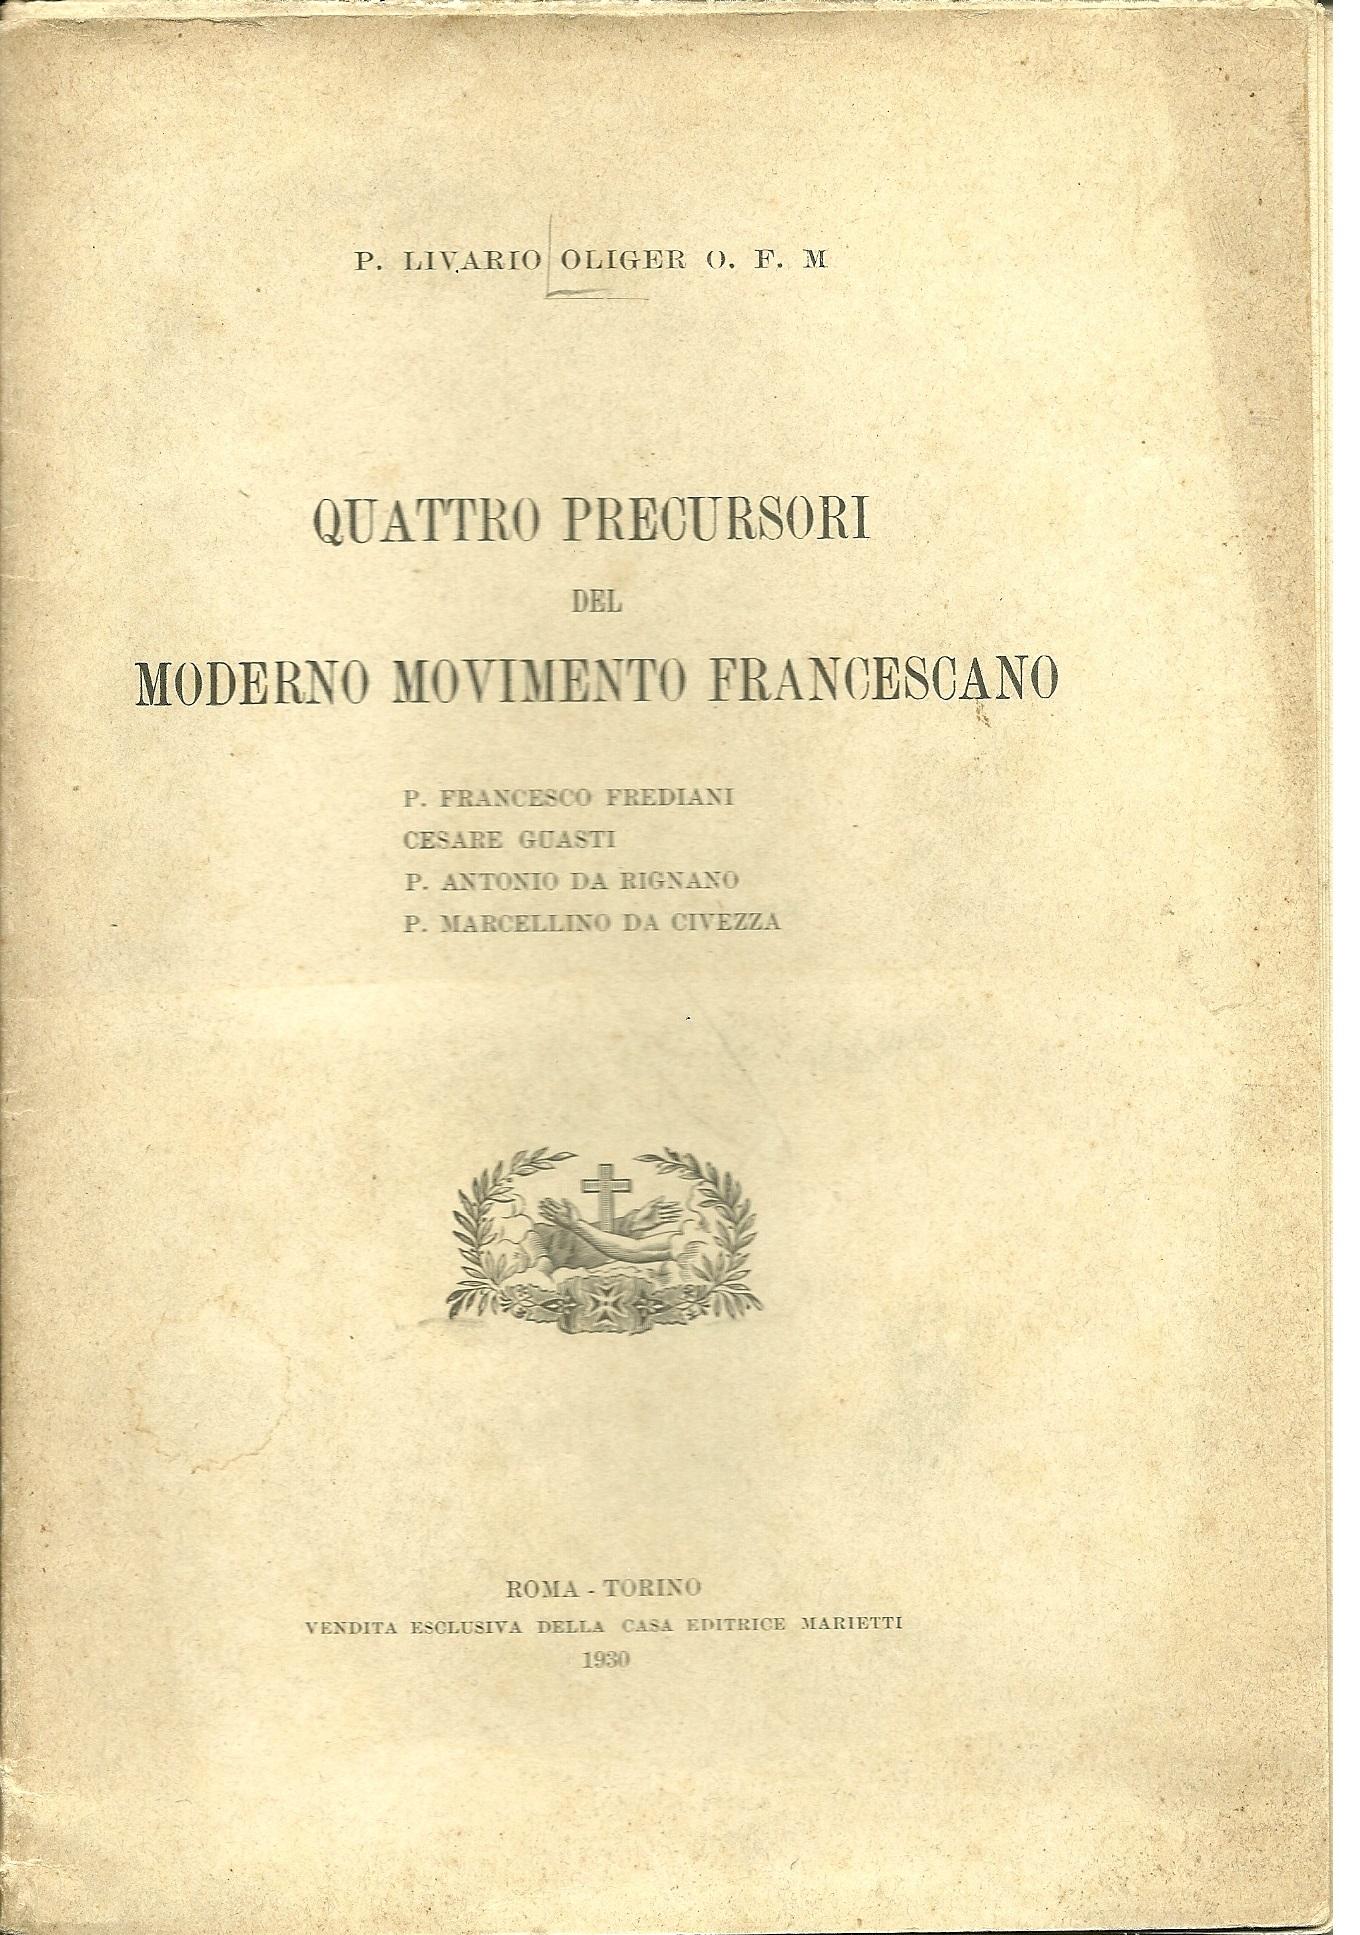 Quattro precursori del moderno movimento francescano: P. Francesco frediani, Cesare Guasti, P. Antonio da Rignano, P. Marcellino da Civezza